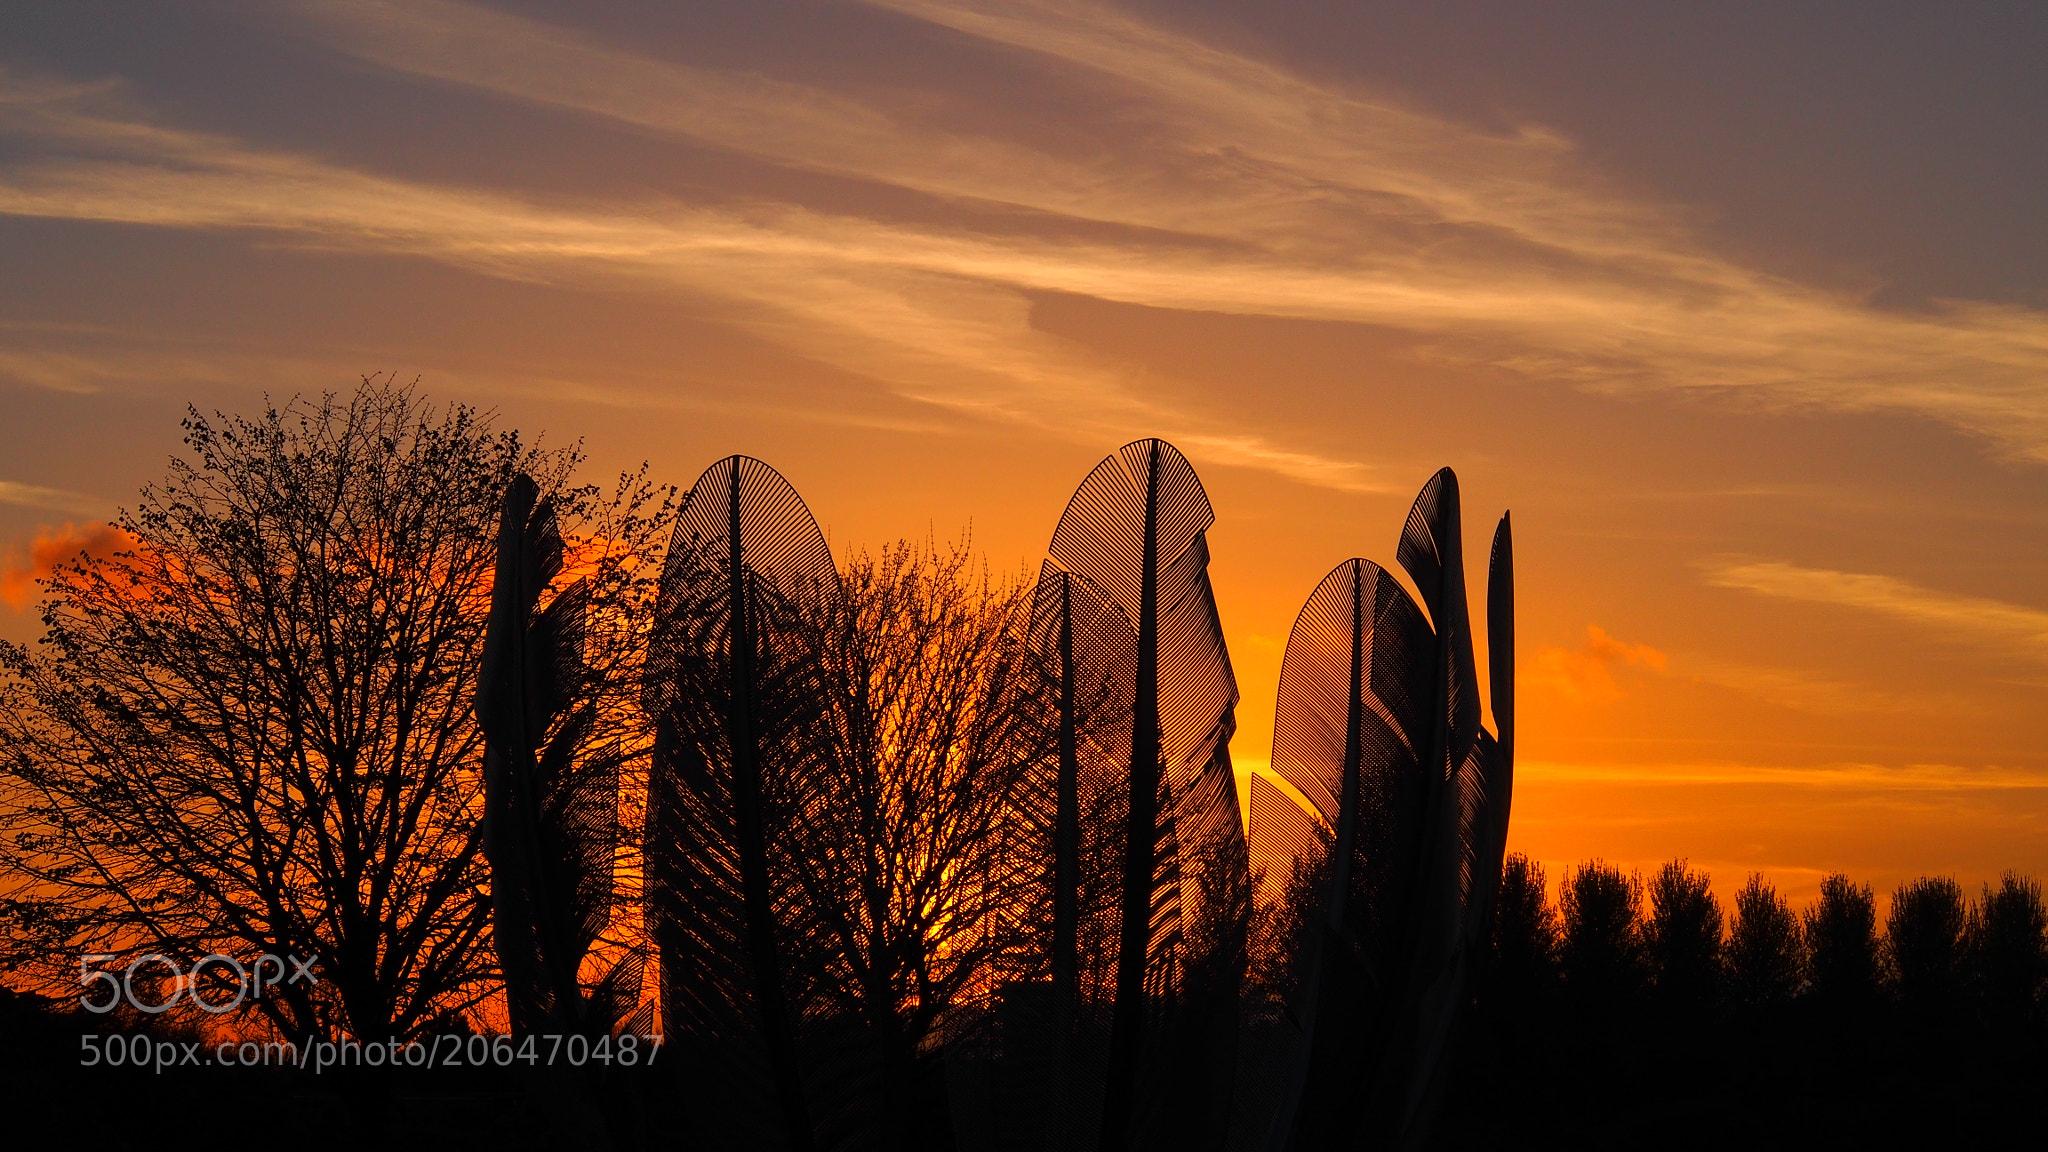 Sunset for Kindred Spirits